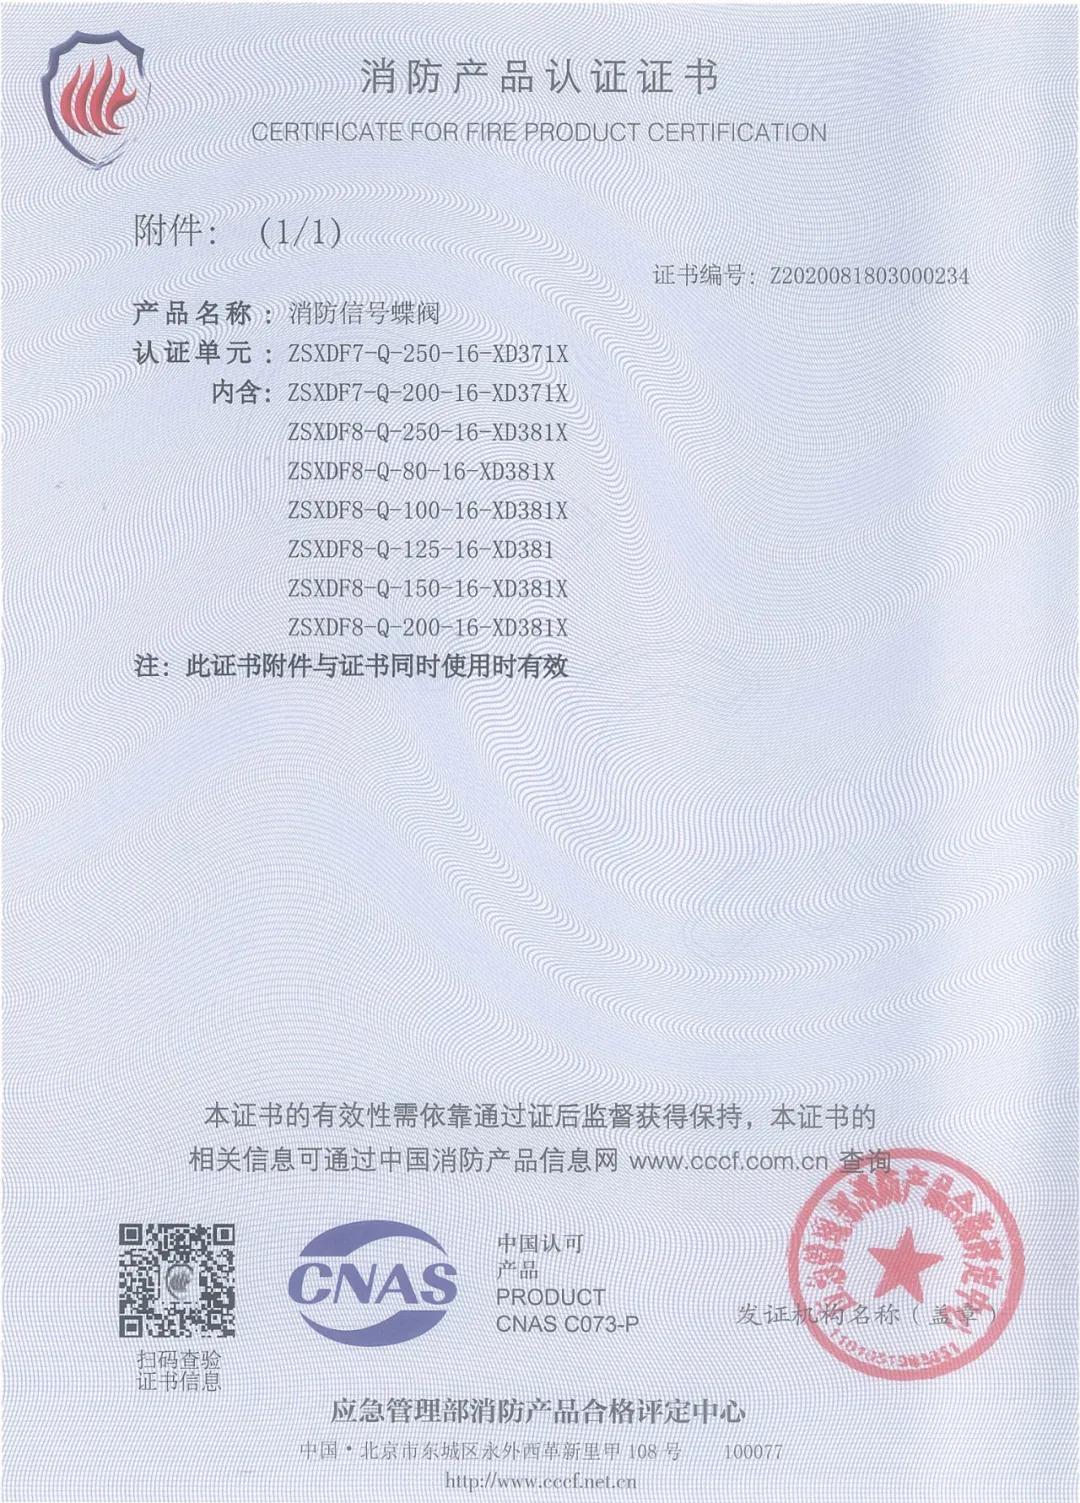 博纳斯威消防阀门产品获得3C消防产品认证证书